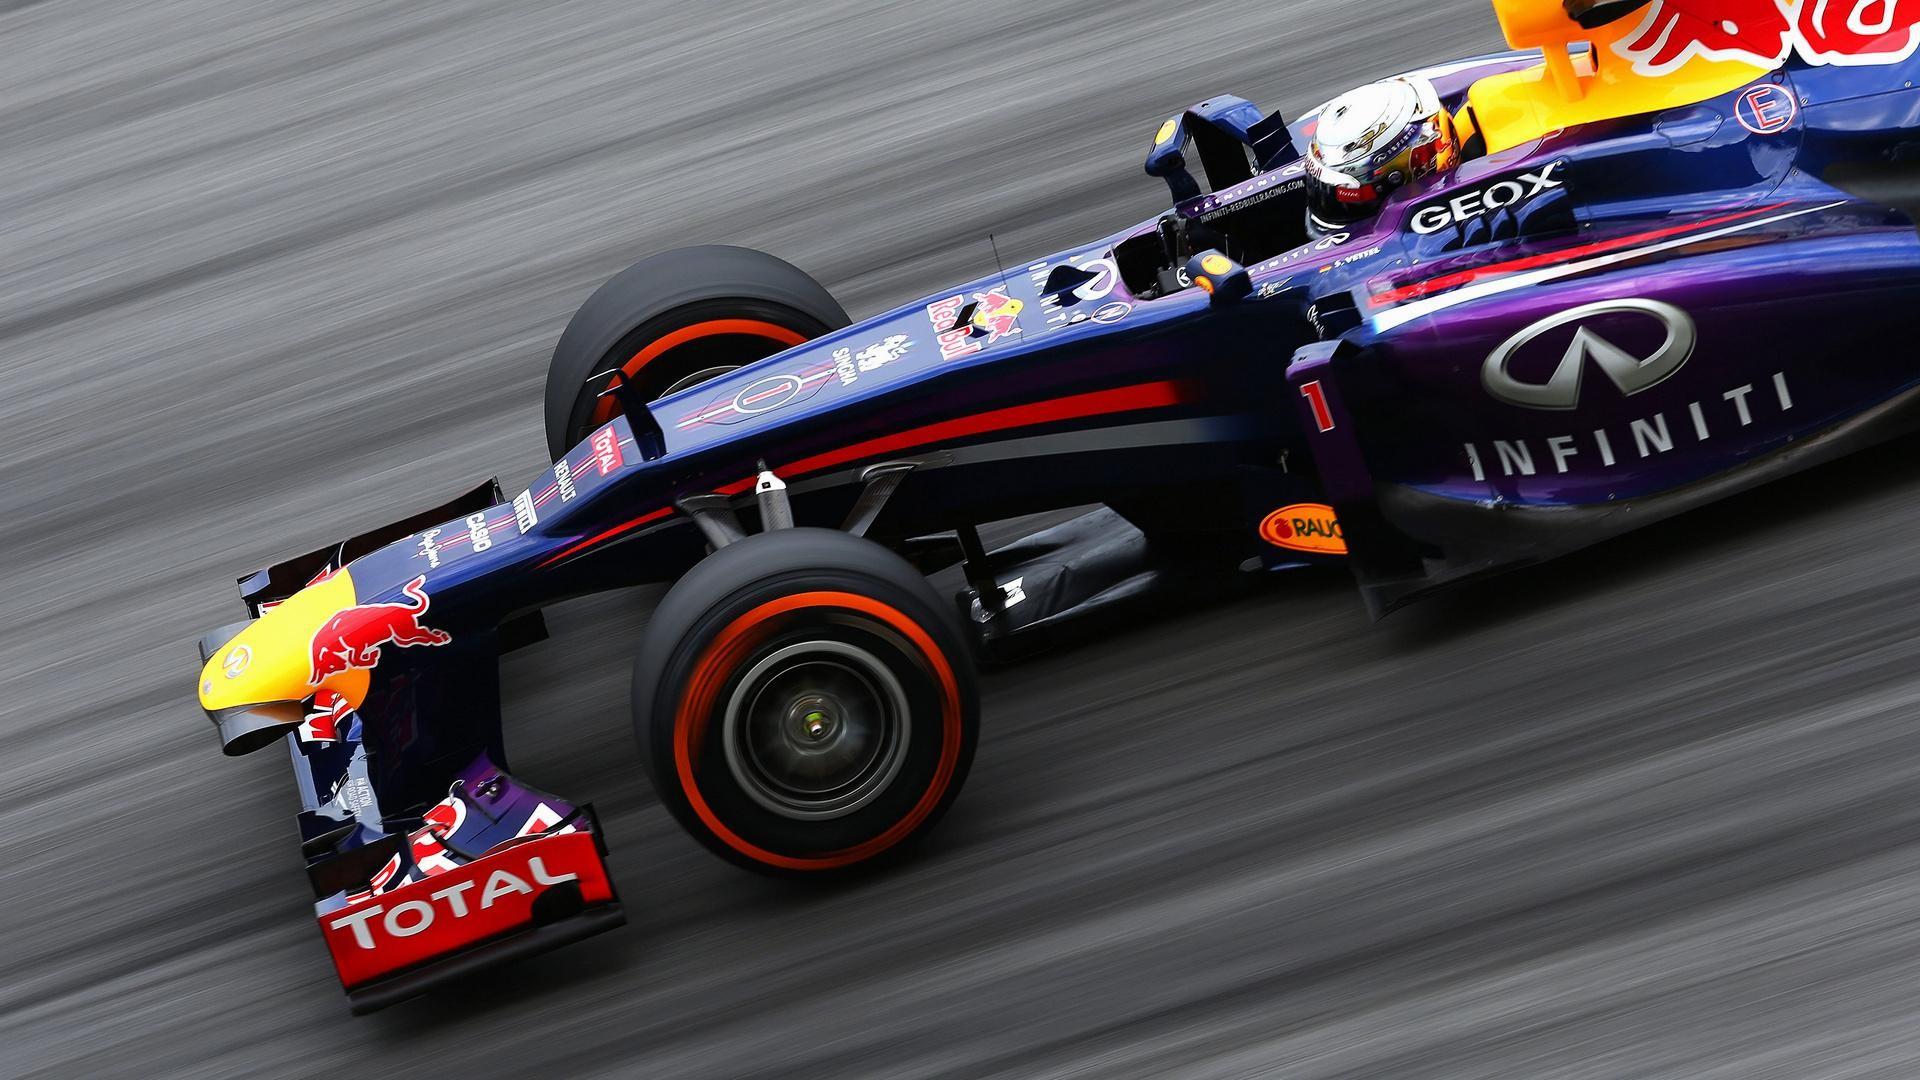 wallpaper.wiki-Formula-One-HD-Wallpaper-PIC-WPC003891